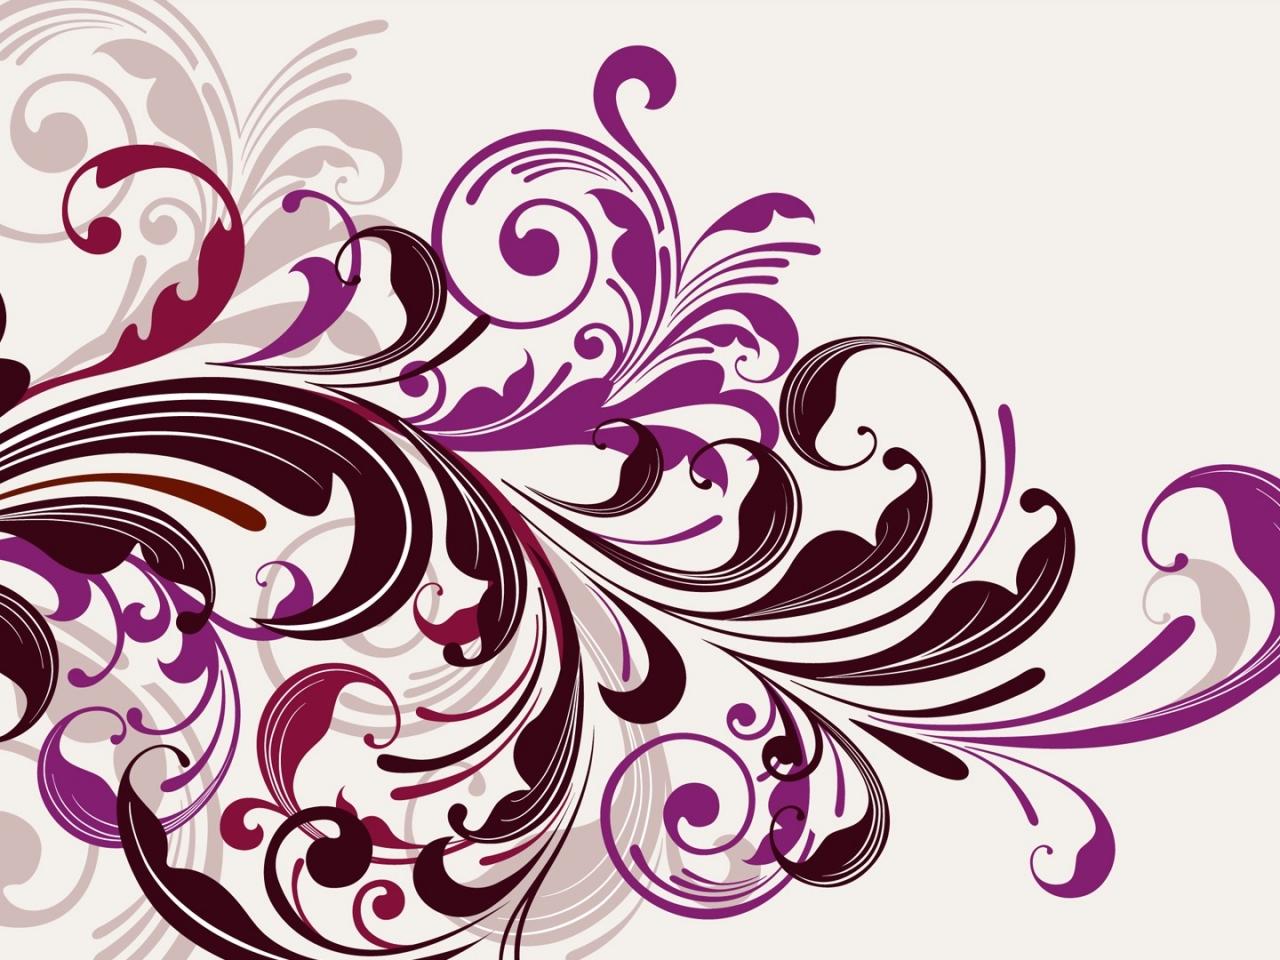 Flores abstractas - 1280x960